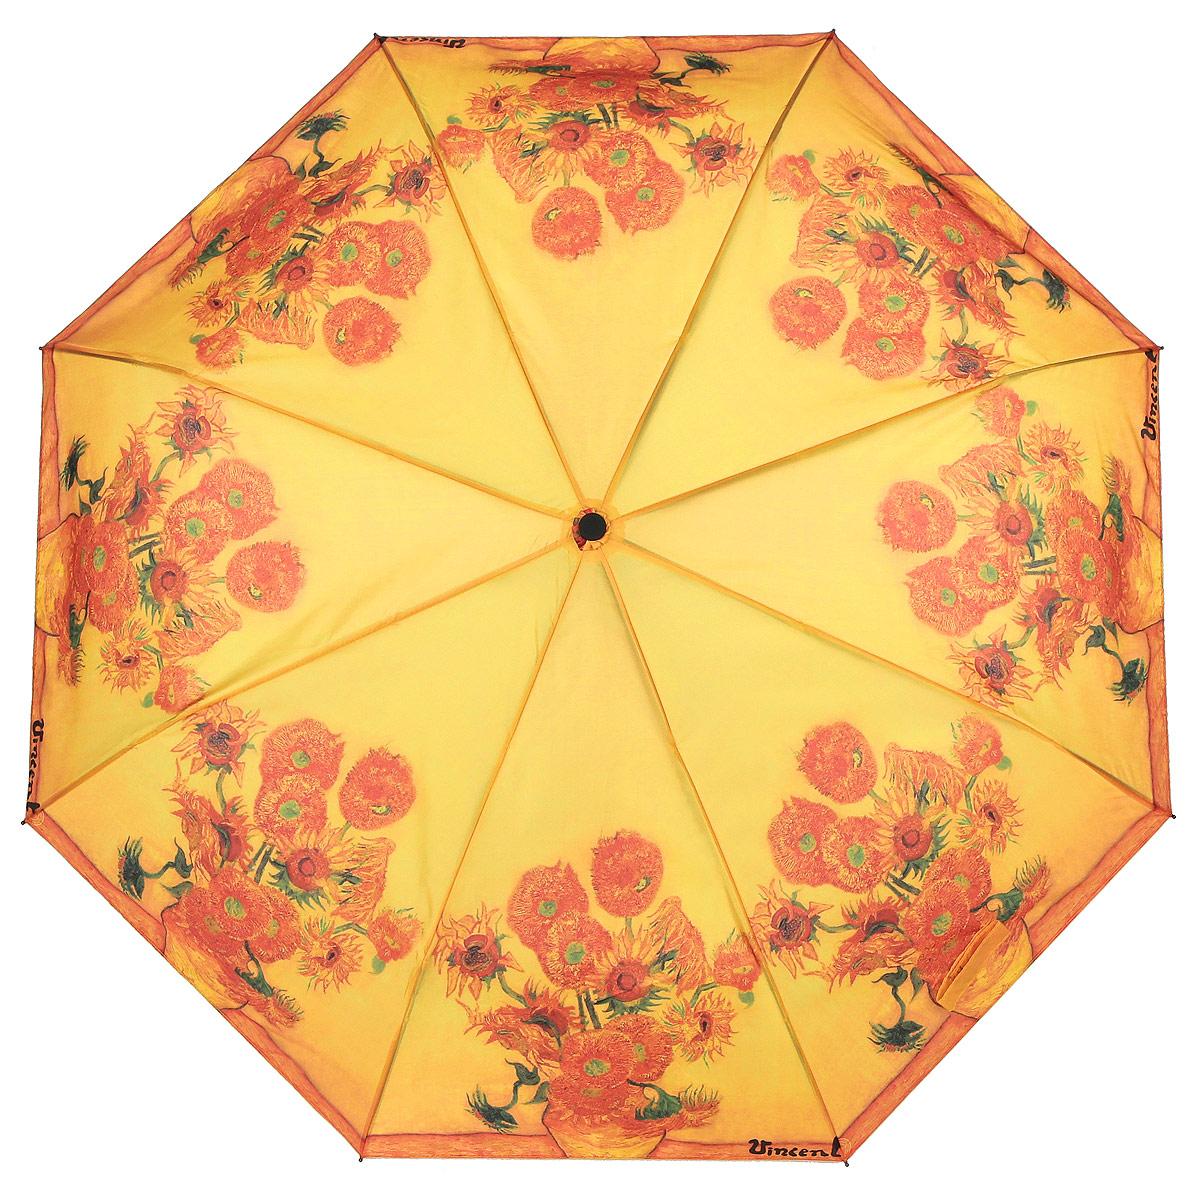 Зонт Подсолнухи, автомат, 3 сложения. 1038-261038-26Стильный автоматический зонт Подсолнухи поднимет настроение в ненастную погоду. Каркас зонта состоит из стержня и 8 спиц, выполненных из металла. Купол зонта, изготовленный из полиэстера с водоотталкивающей пропиткой, оформлен красочным изображением по мотивам картины Винсента Ван Гога Подсолнухи. Зонт оснащен удобной рукояткой из прорезиненного пластика с текстильным шнурком. Зонт имеет полный автоматический механизм сложения: купол открывается и закрывается нажатием кнопки на рукоятке, стержень складывается вручную до характерного щелчка. Такой зонт не только надежно защитит вас от дождя, но и станет стильным аксессуаром, который выделит вас из толпы. К зонту прилагается чехол. Длина стержня (в раскрытом виде): 53 см.